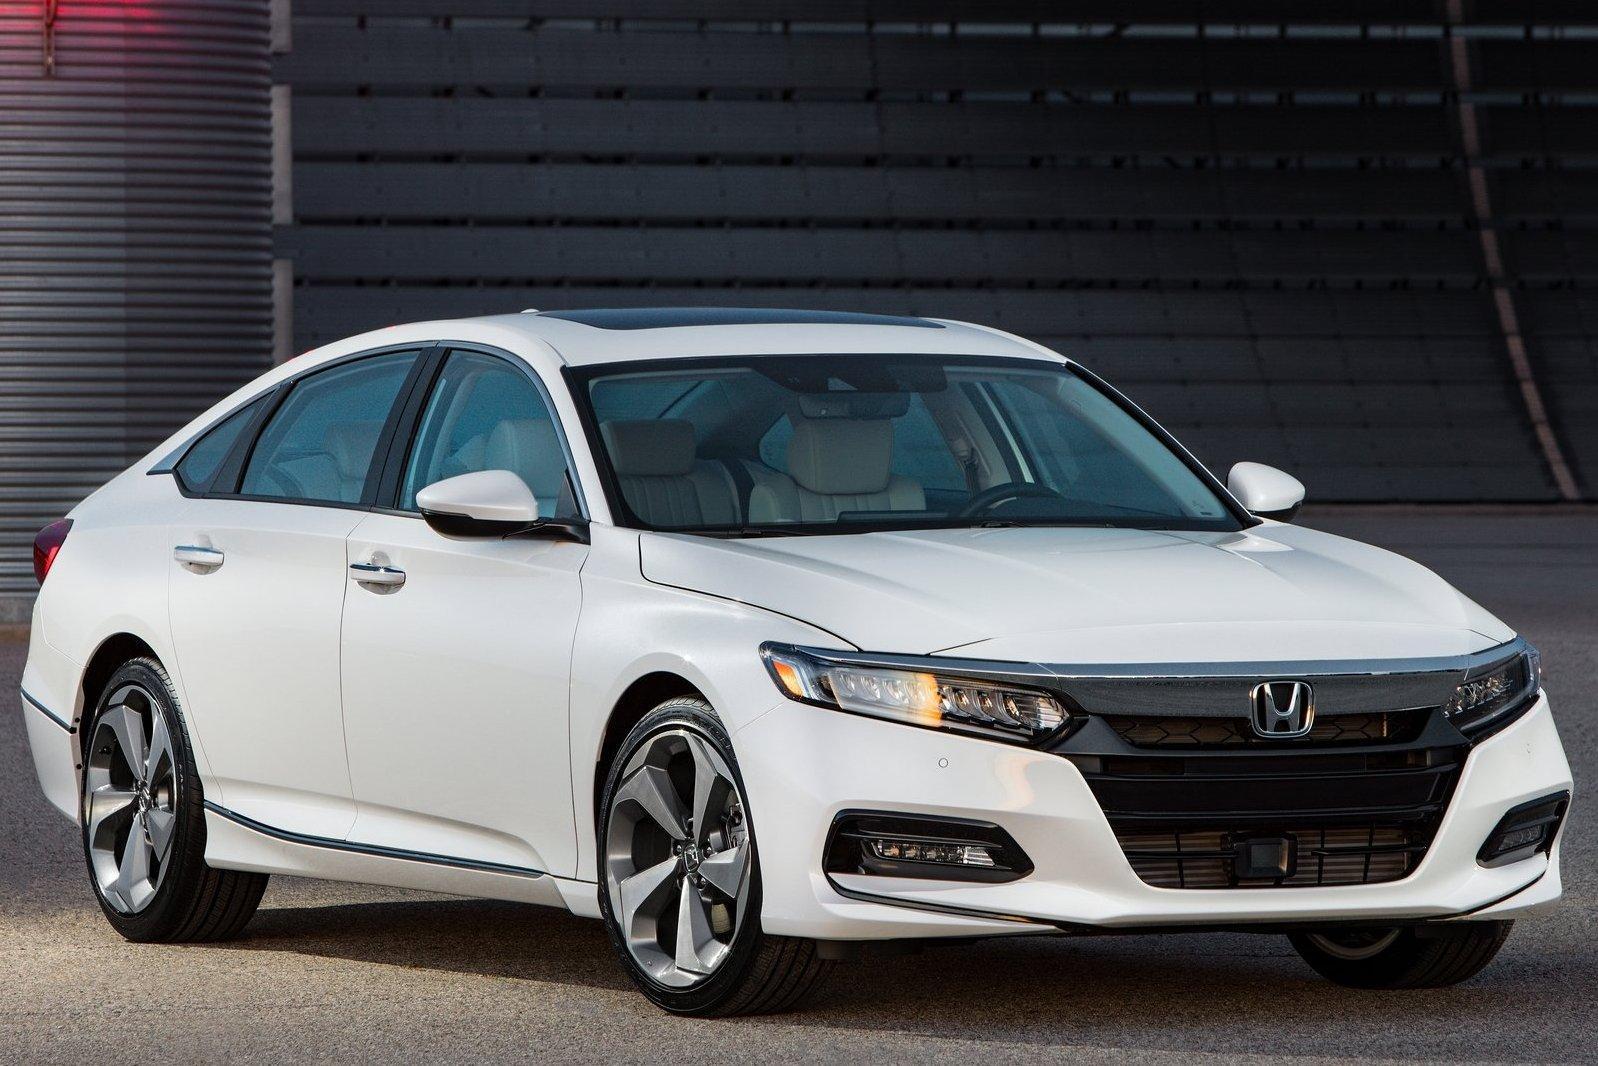 Представлено новое поколение Honda Accord